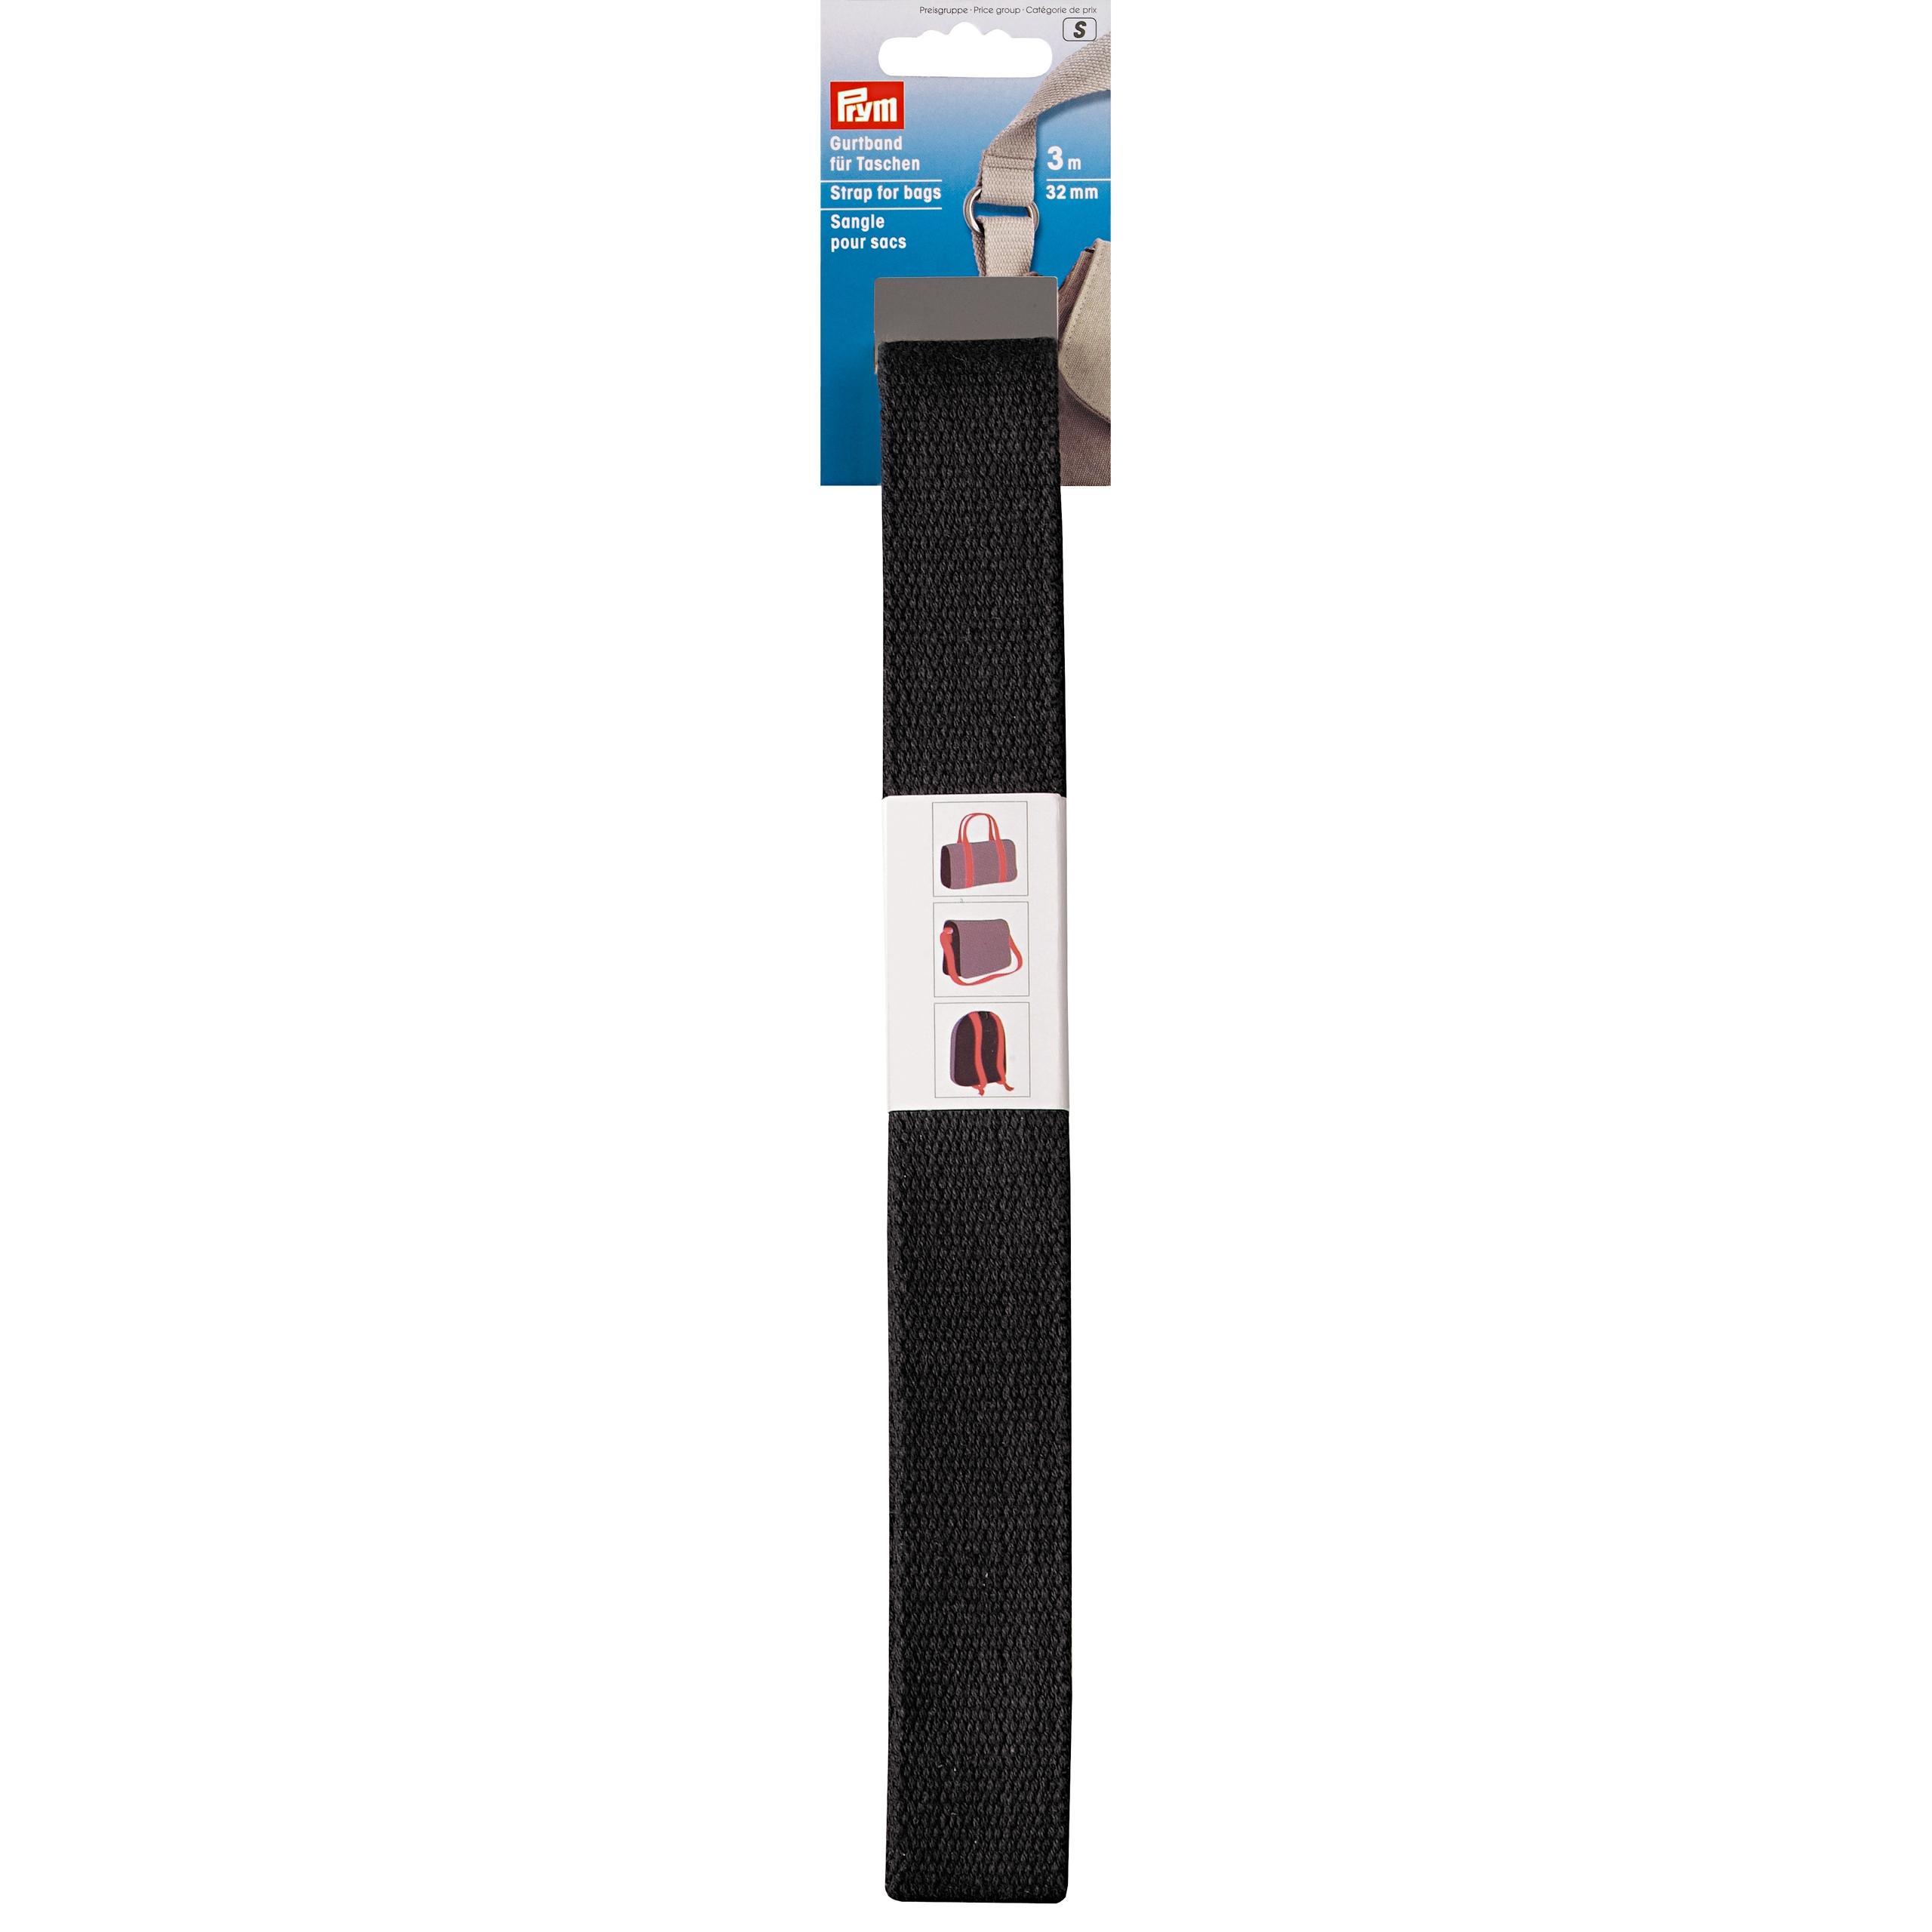 Prym Gurtband für Taschen 30mm schwarz - 3m abgepackt